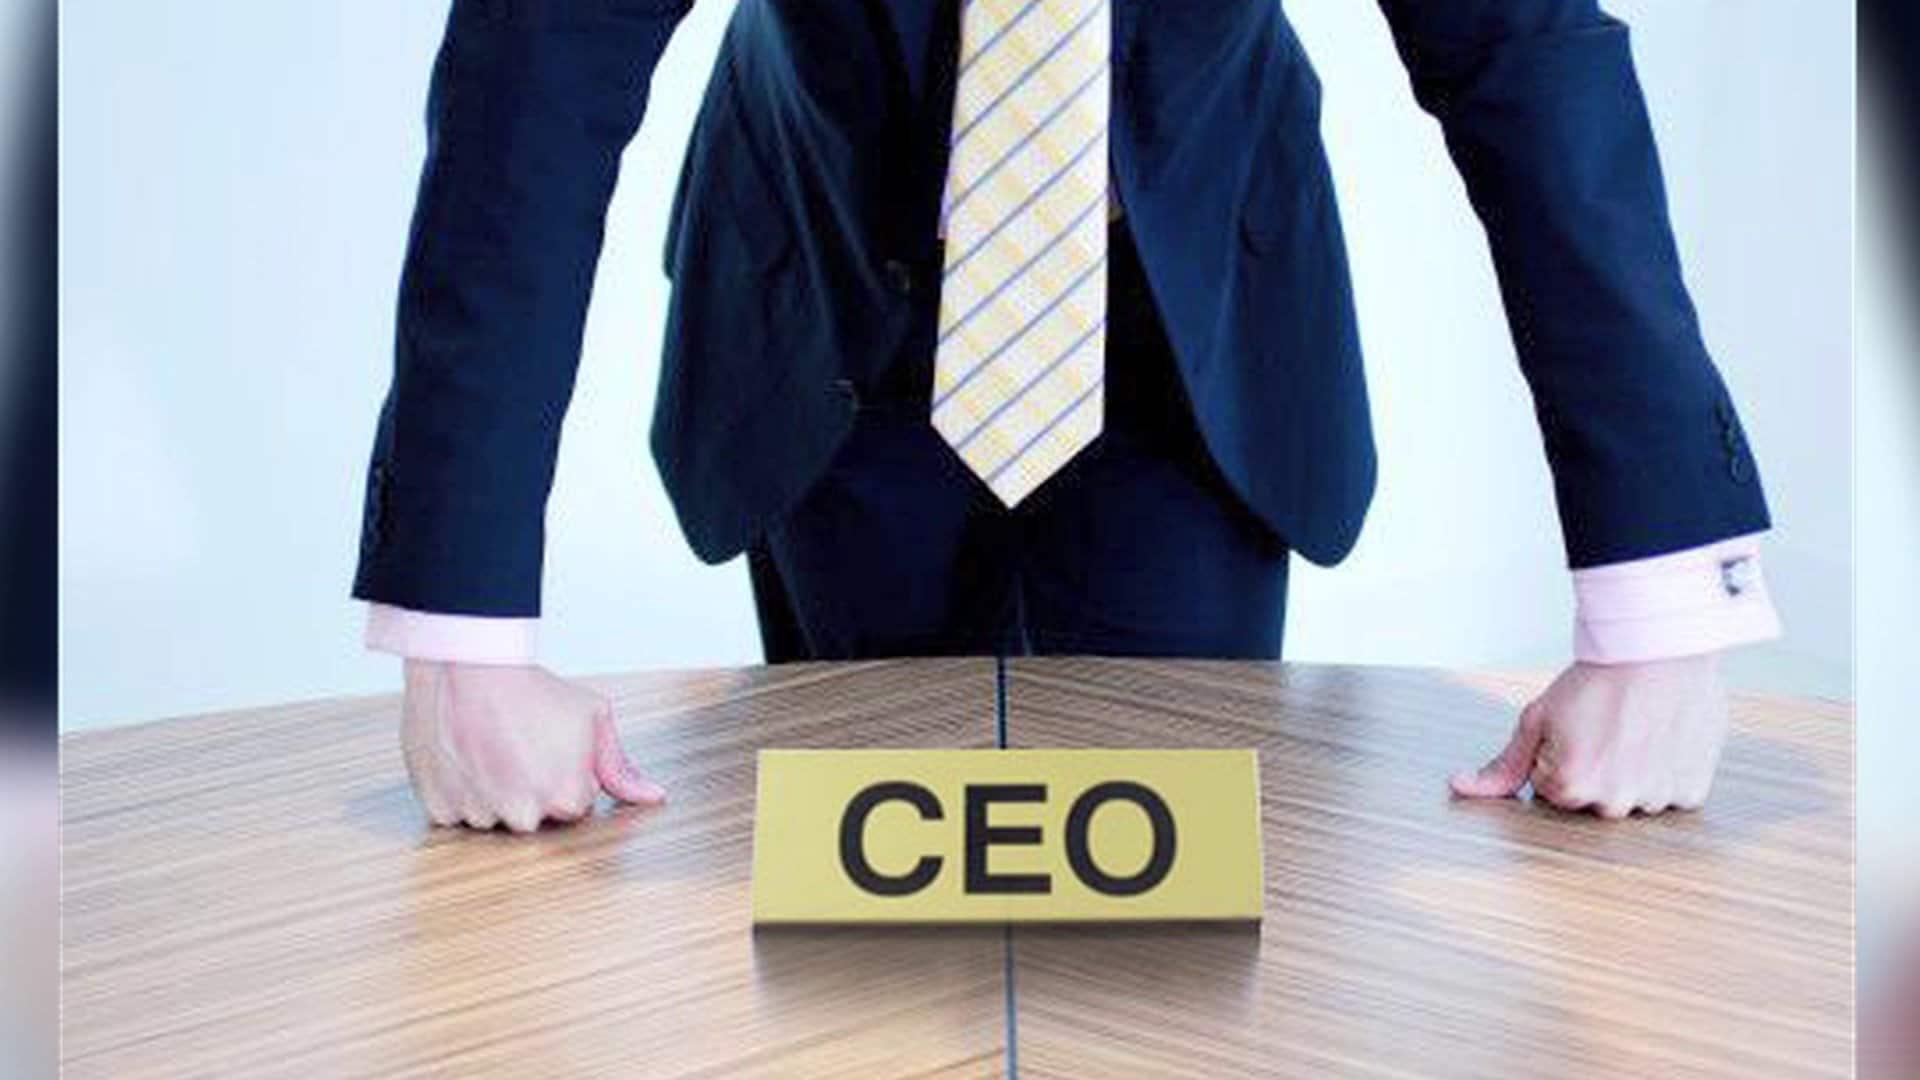 آیا استخدام یک مدیرعامل حرفه ای به نفع استارت آپ ها است؟